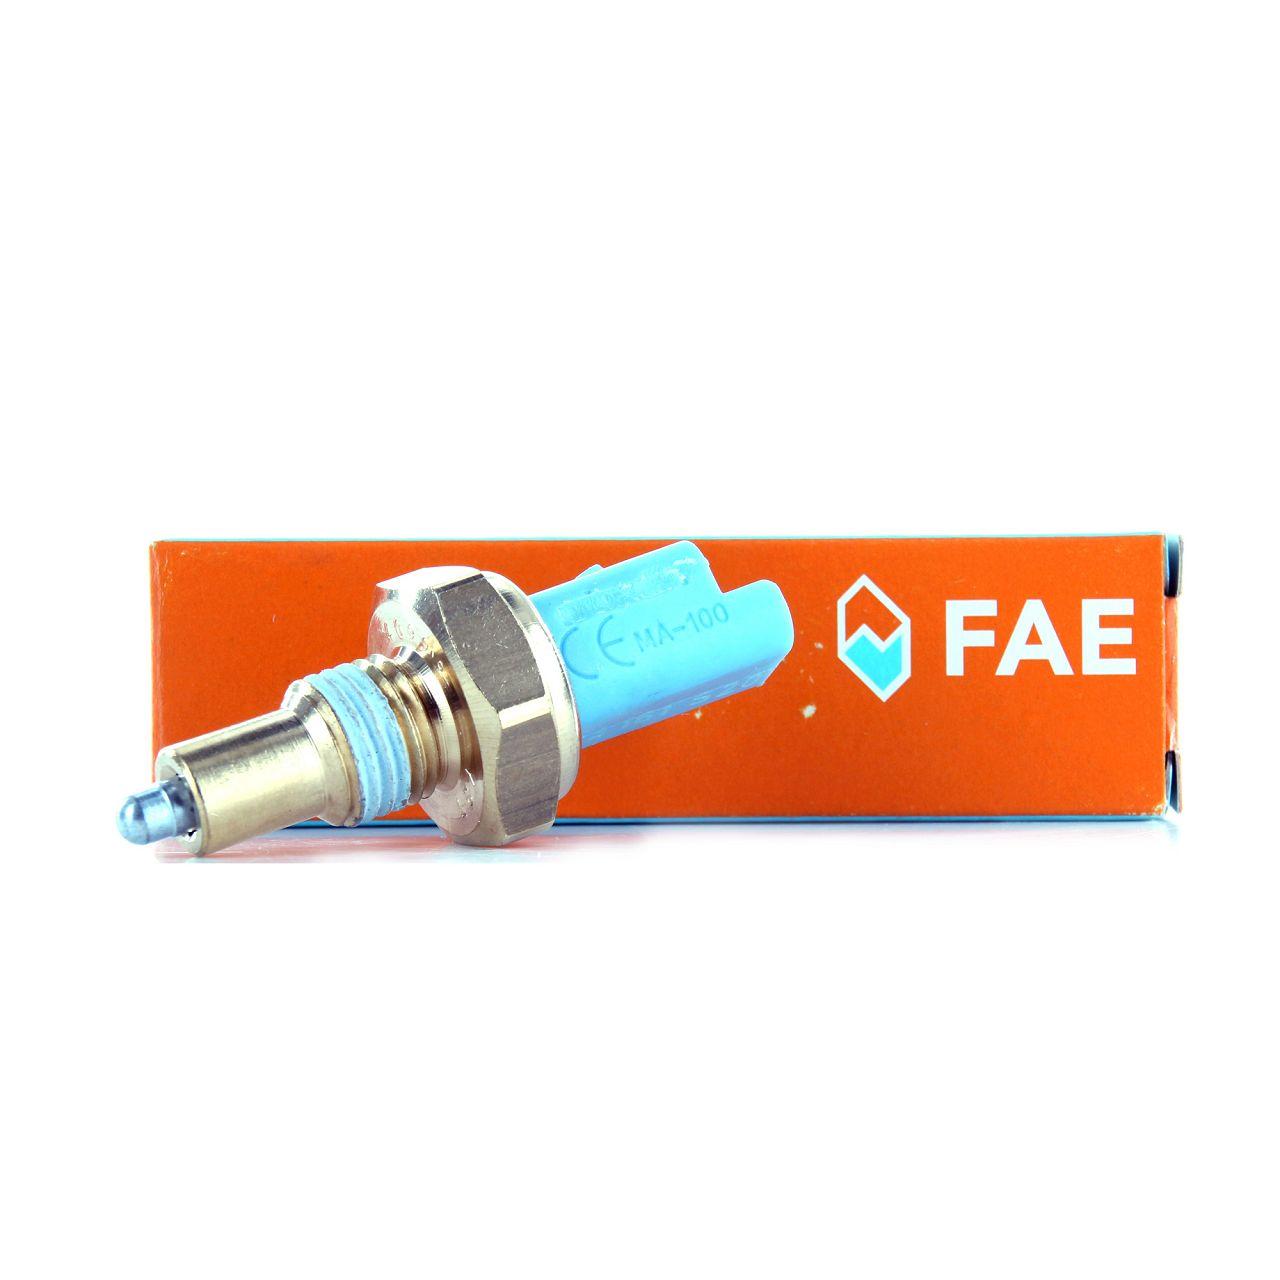 FAE 40999 Rückfahrlichtschalter 2-polig für DACIA NISSAN OPEL RENAULT